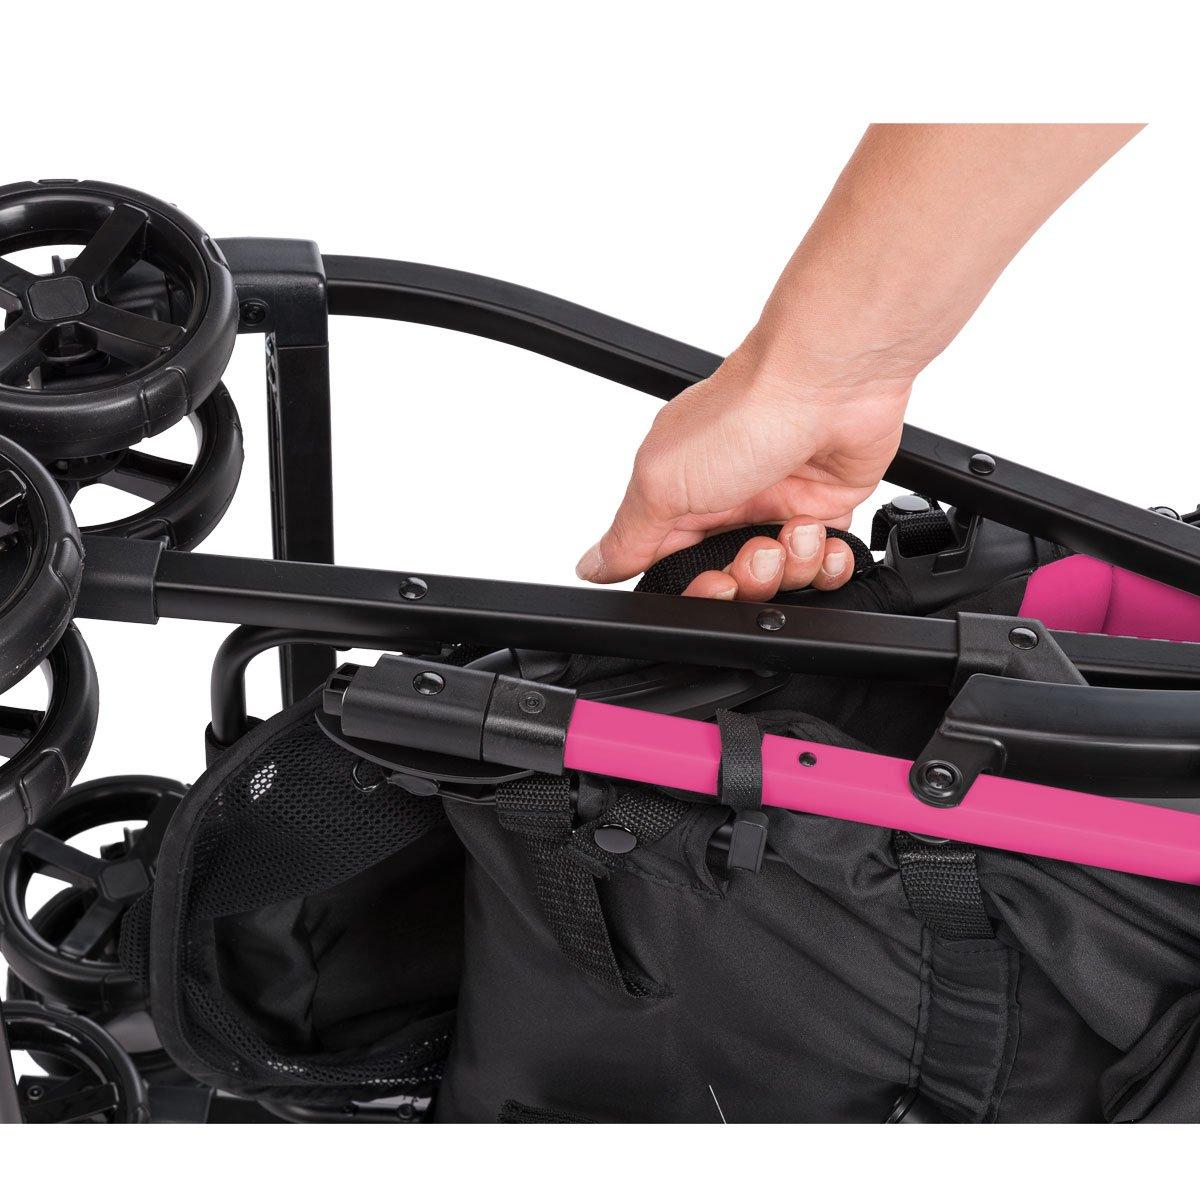 Chicco Ohlala2  Silla de paseo ultraligera y compacta color rosa estampado solo 3,8 kg